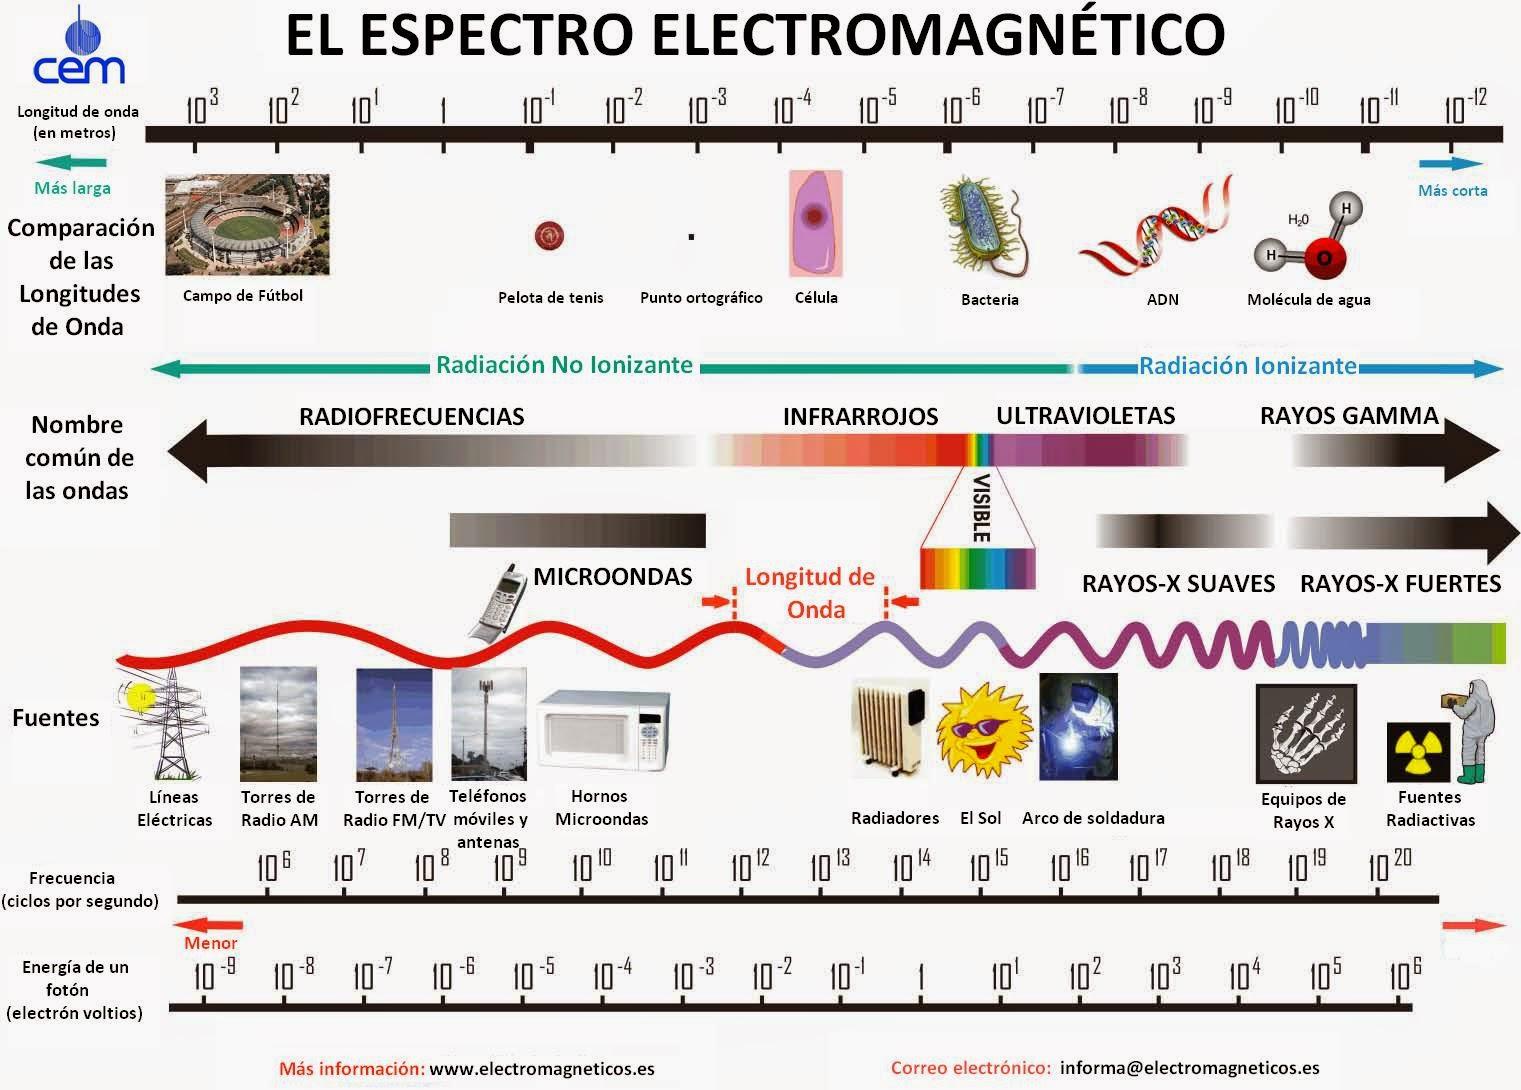 NO TODO ES EL FÍSICO  EL ESPECTRO RADIOELÉCTRICO  ¿EL ENEMIGO INVISIBLE  3634c9c339